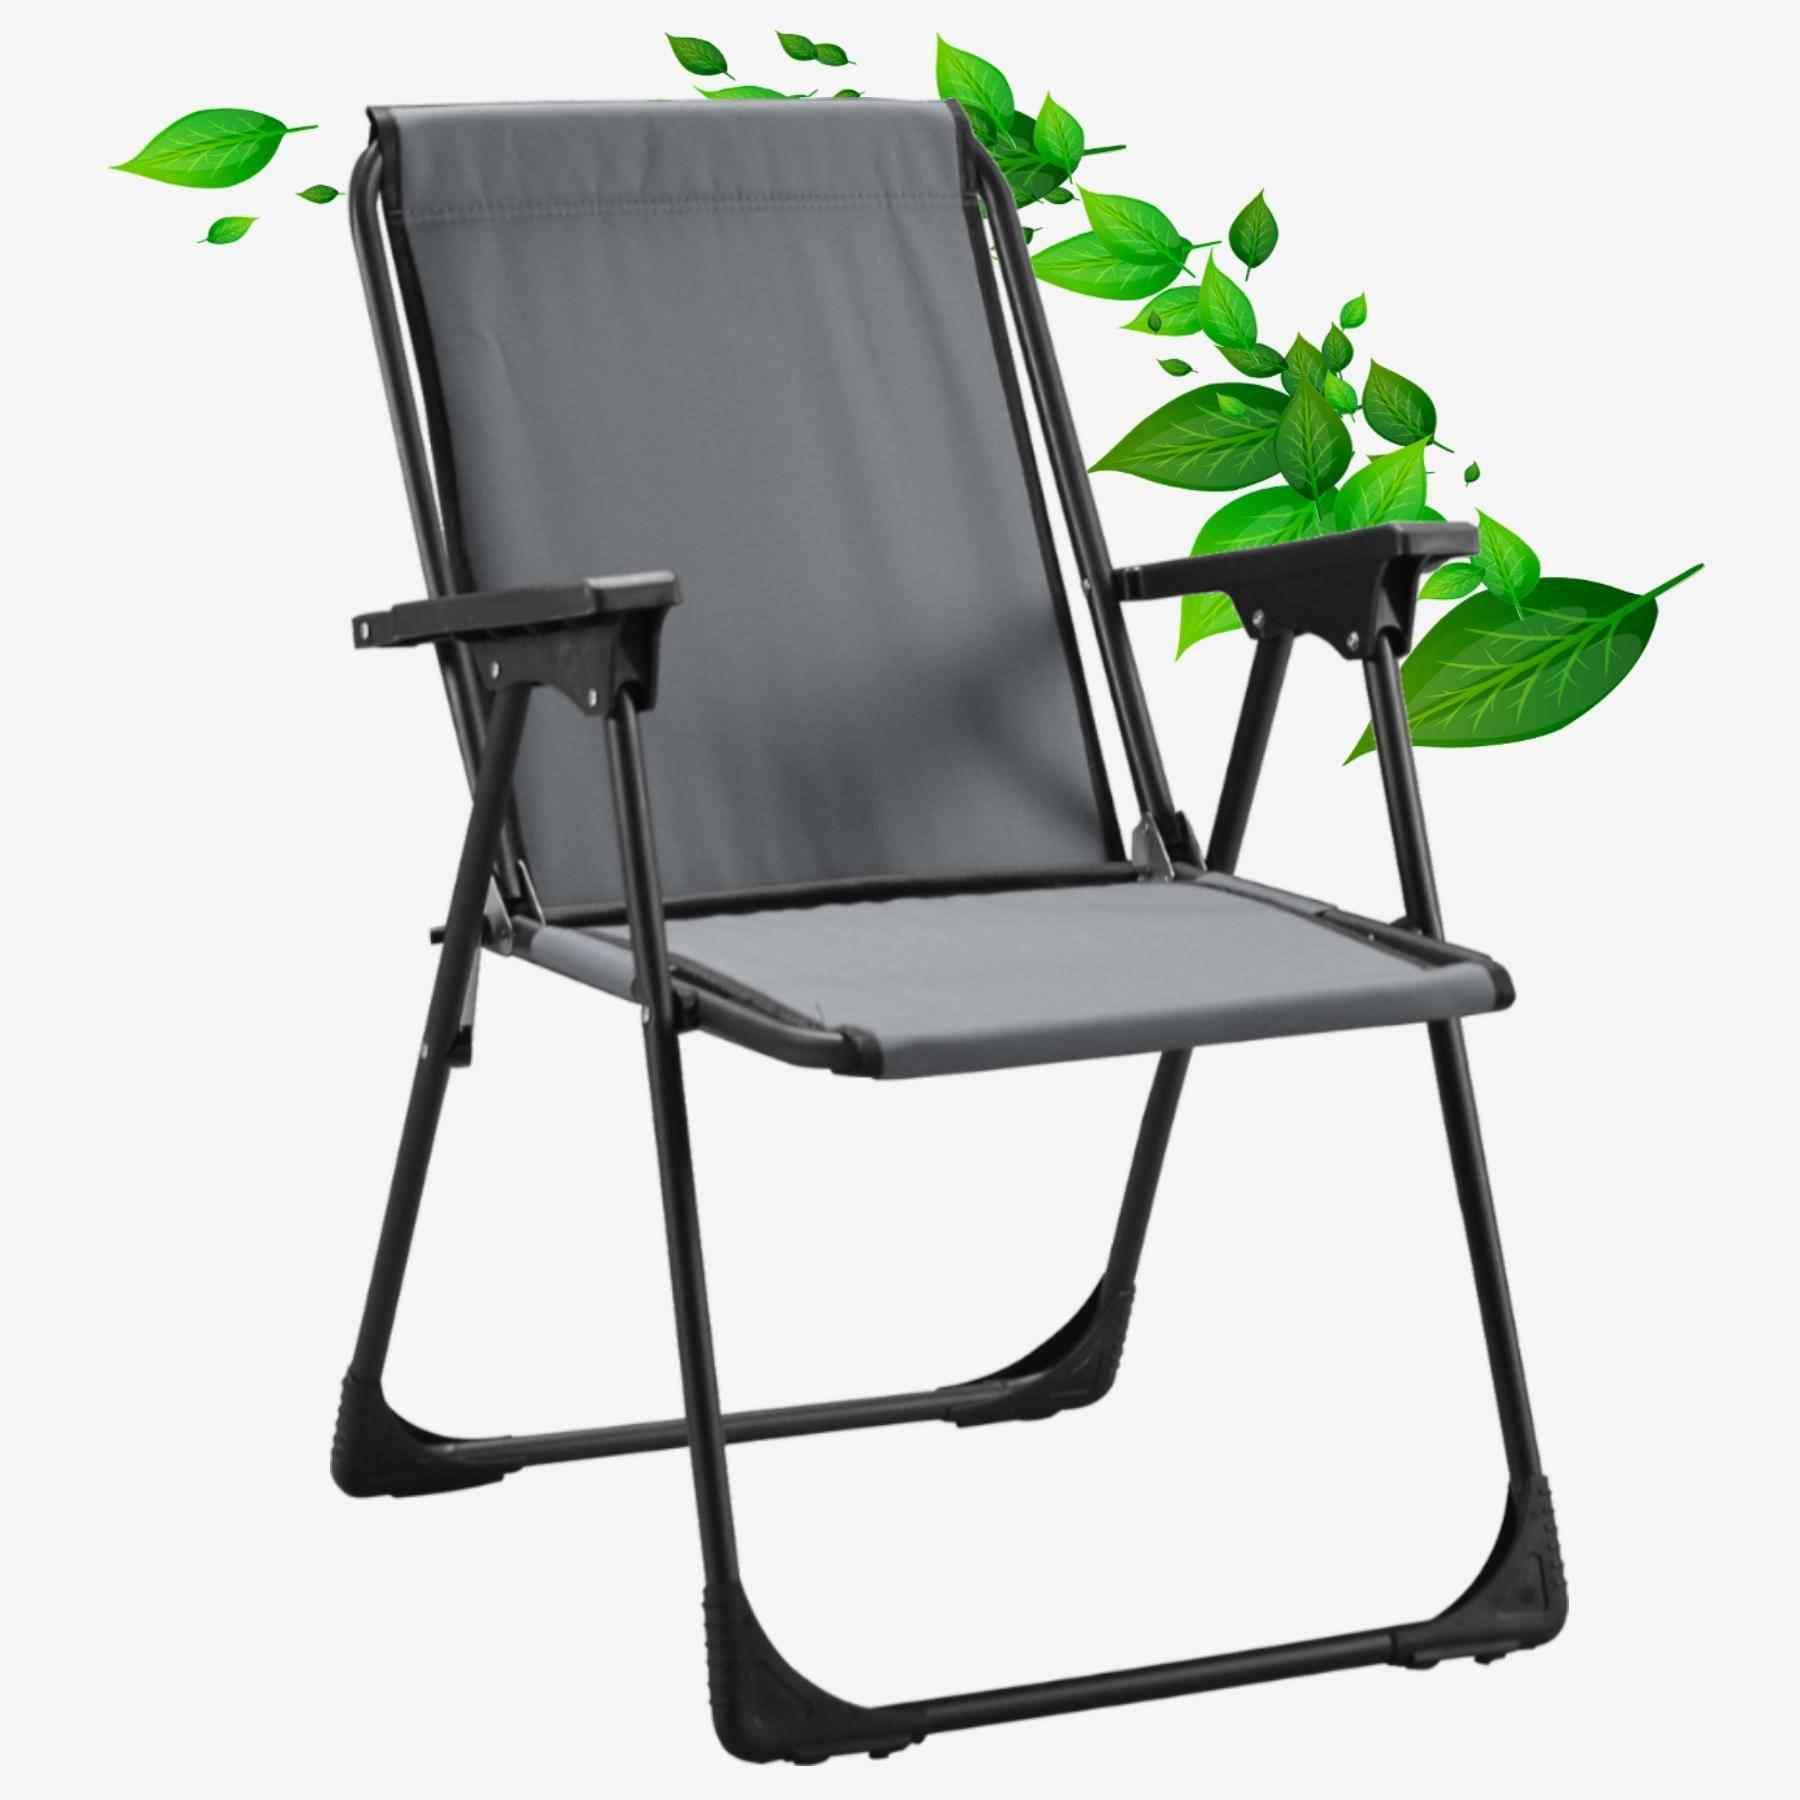 Star Katlanır Koltuk Piknik Plaj Sandalyesi Kamp Sandalyesi Gri